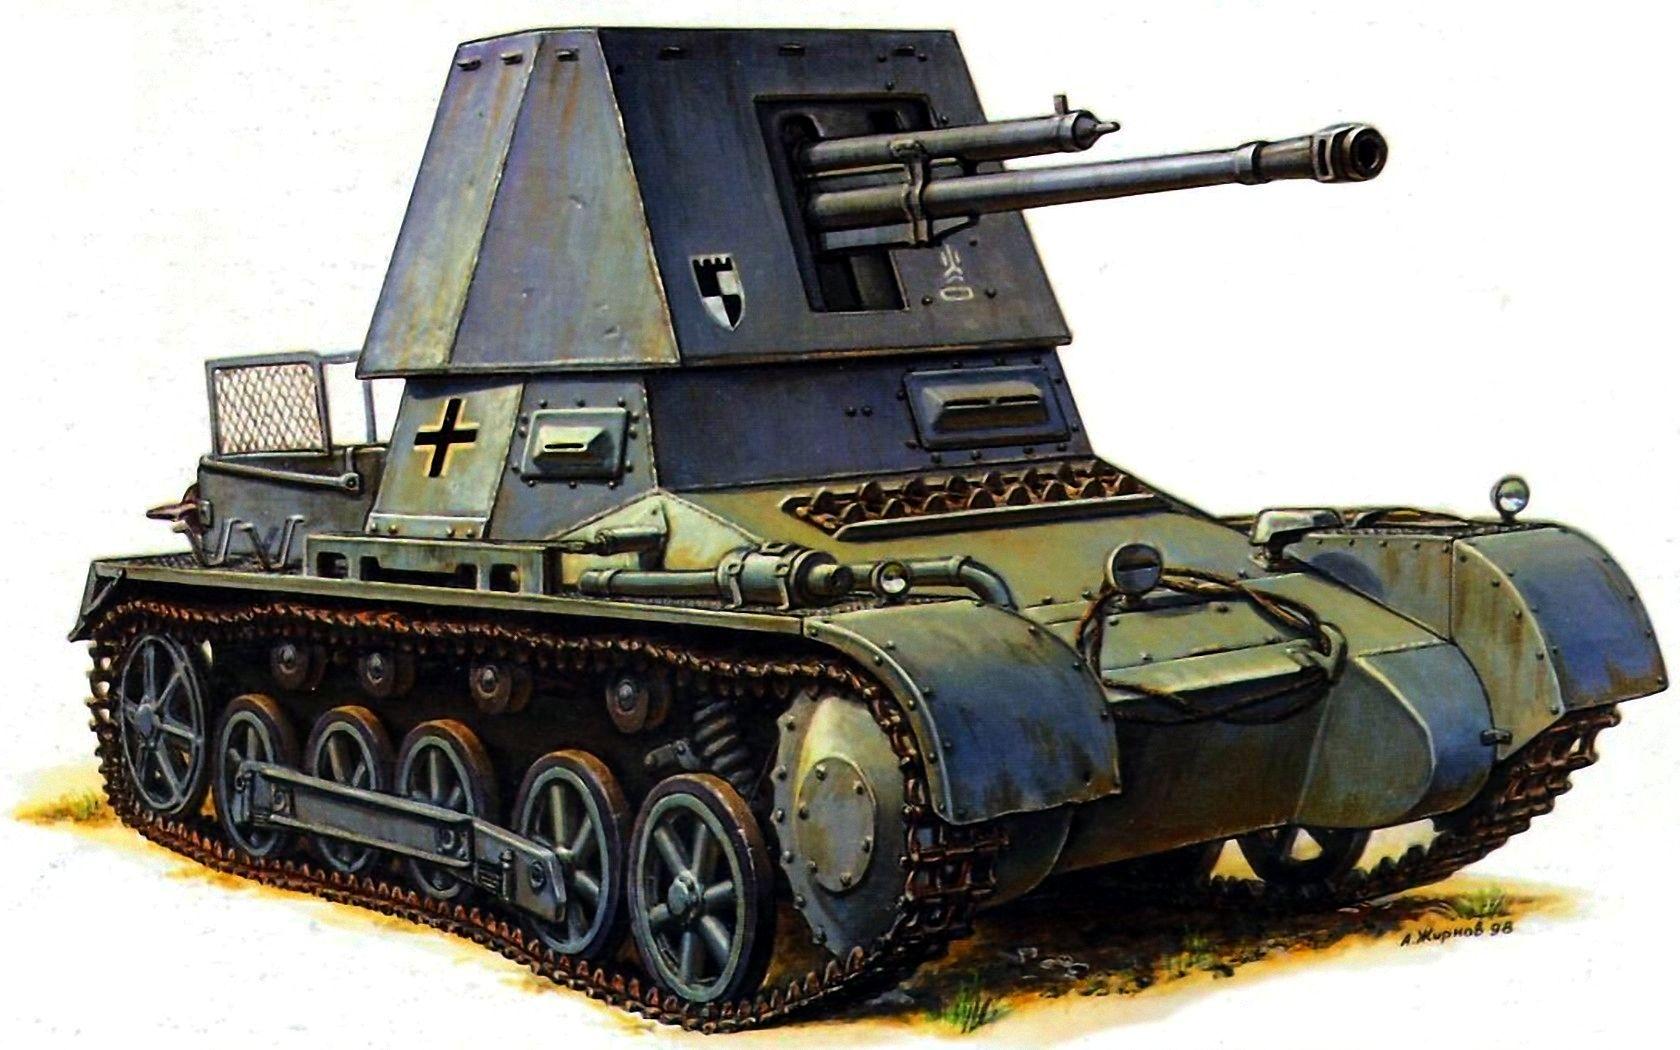 Жирнов Андрей. Танк Panzerjäger I 4.7cm PaK(t).